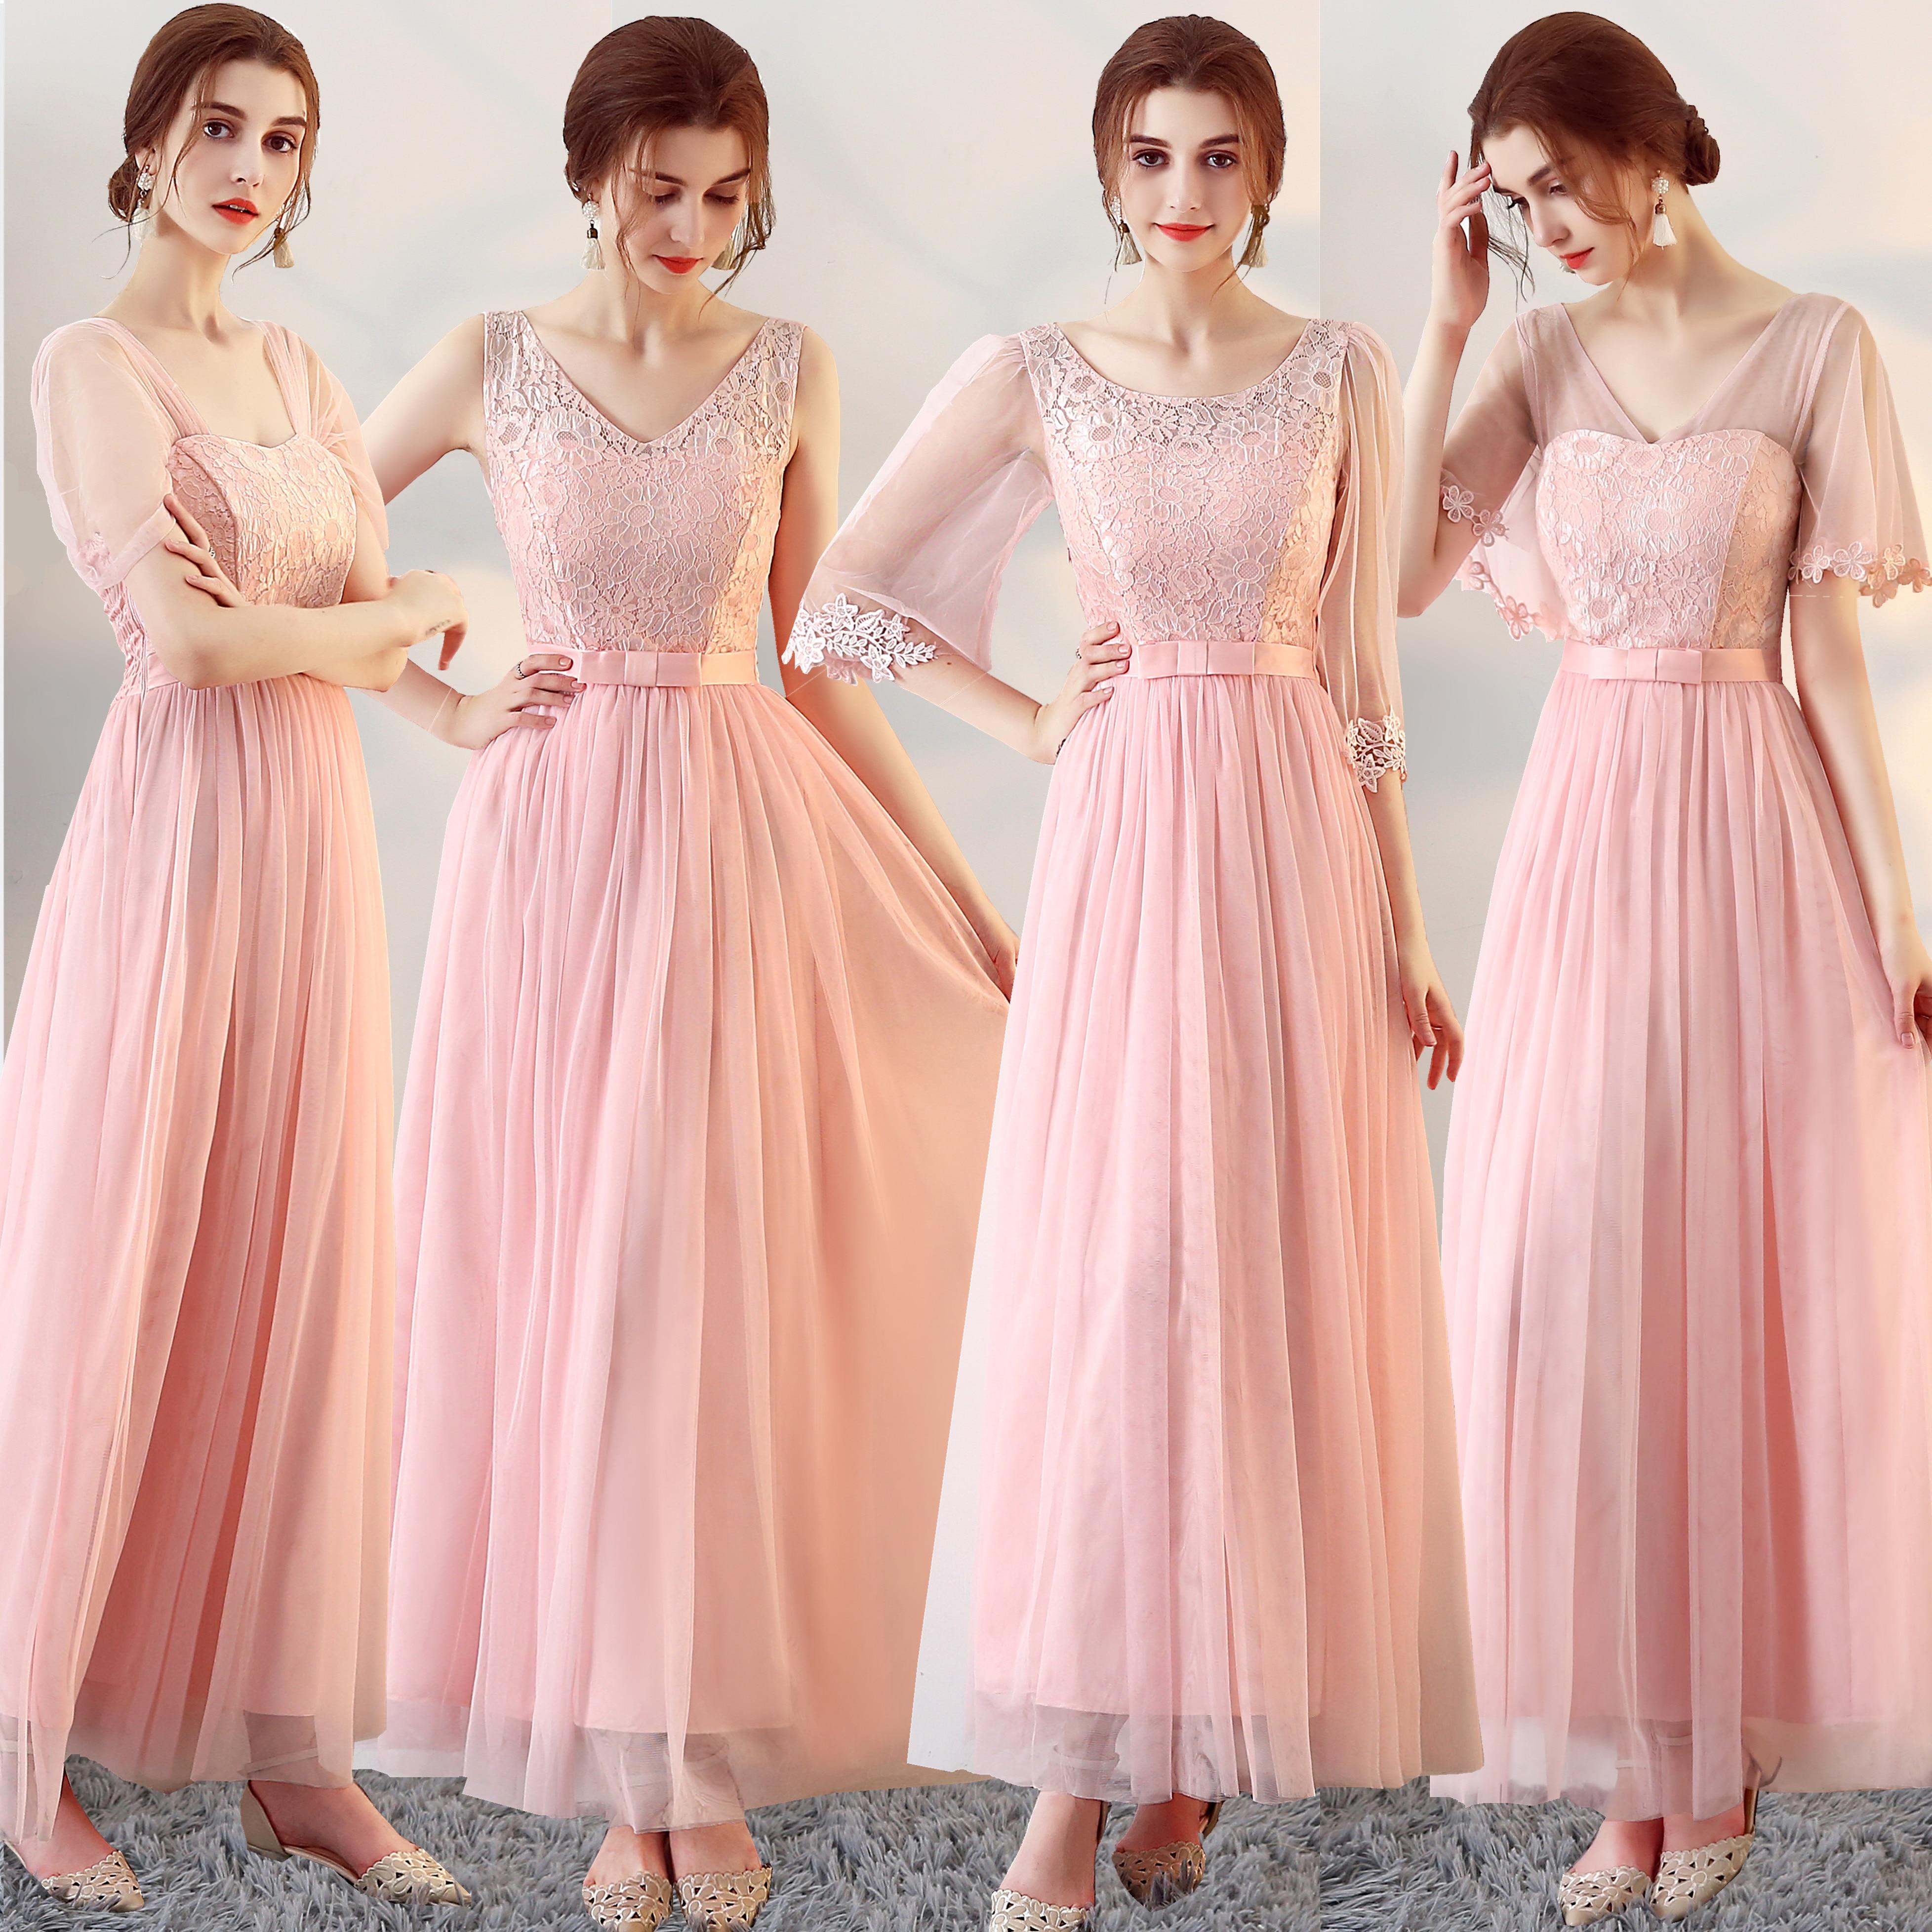 Encantador Damas Vestidos De Baile Componente - Colección de ...